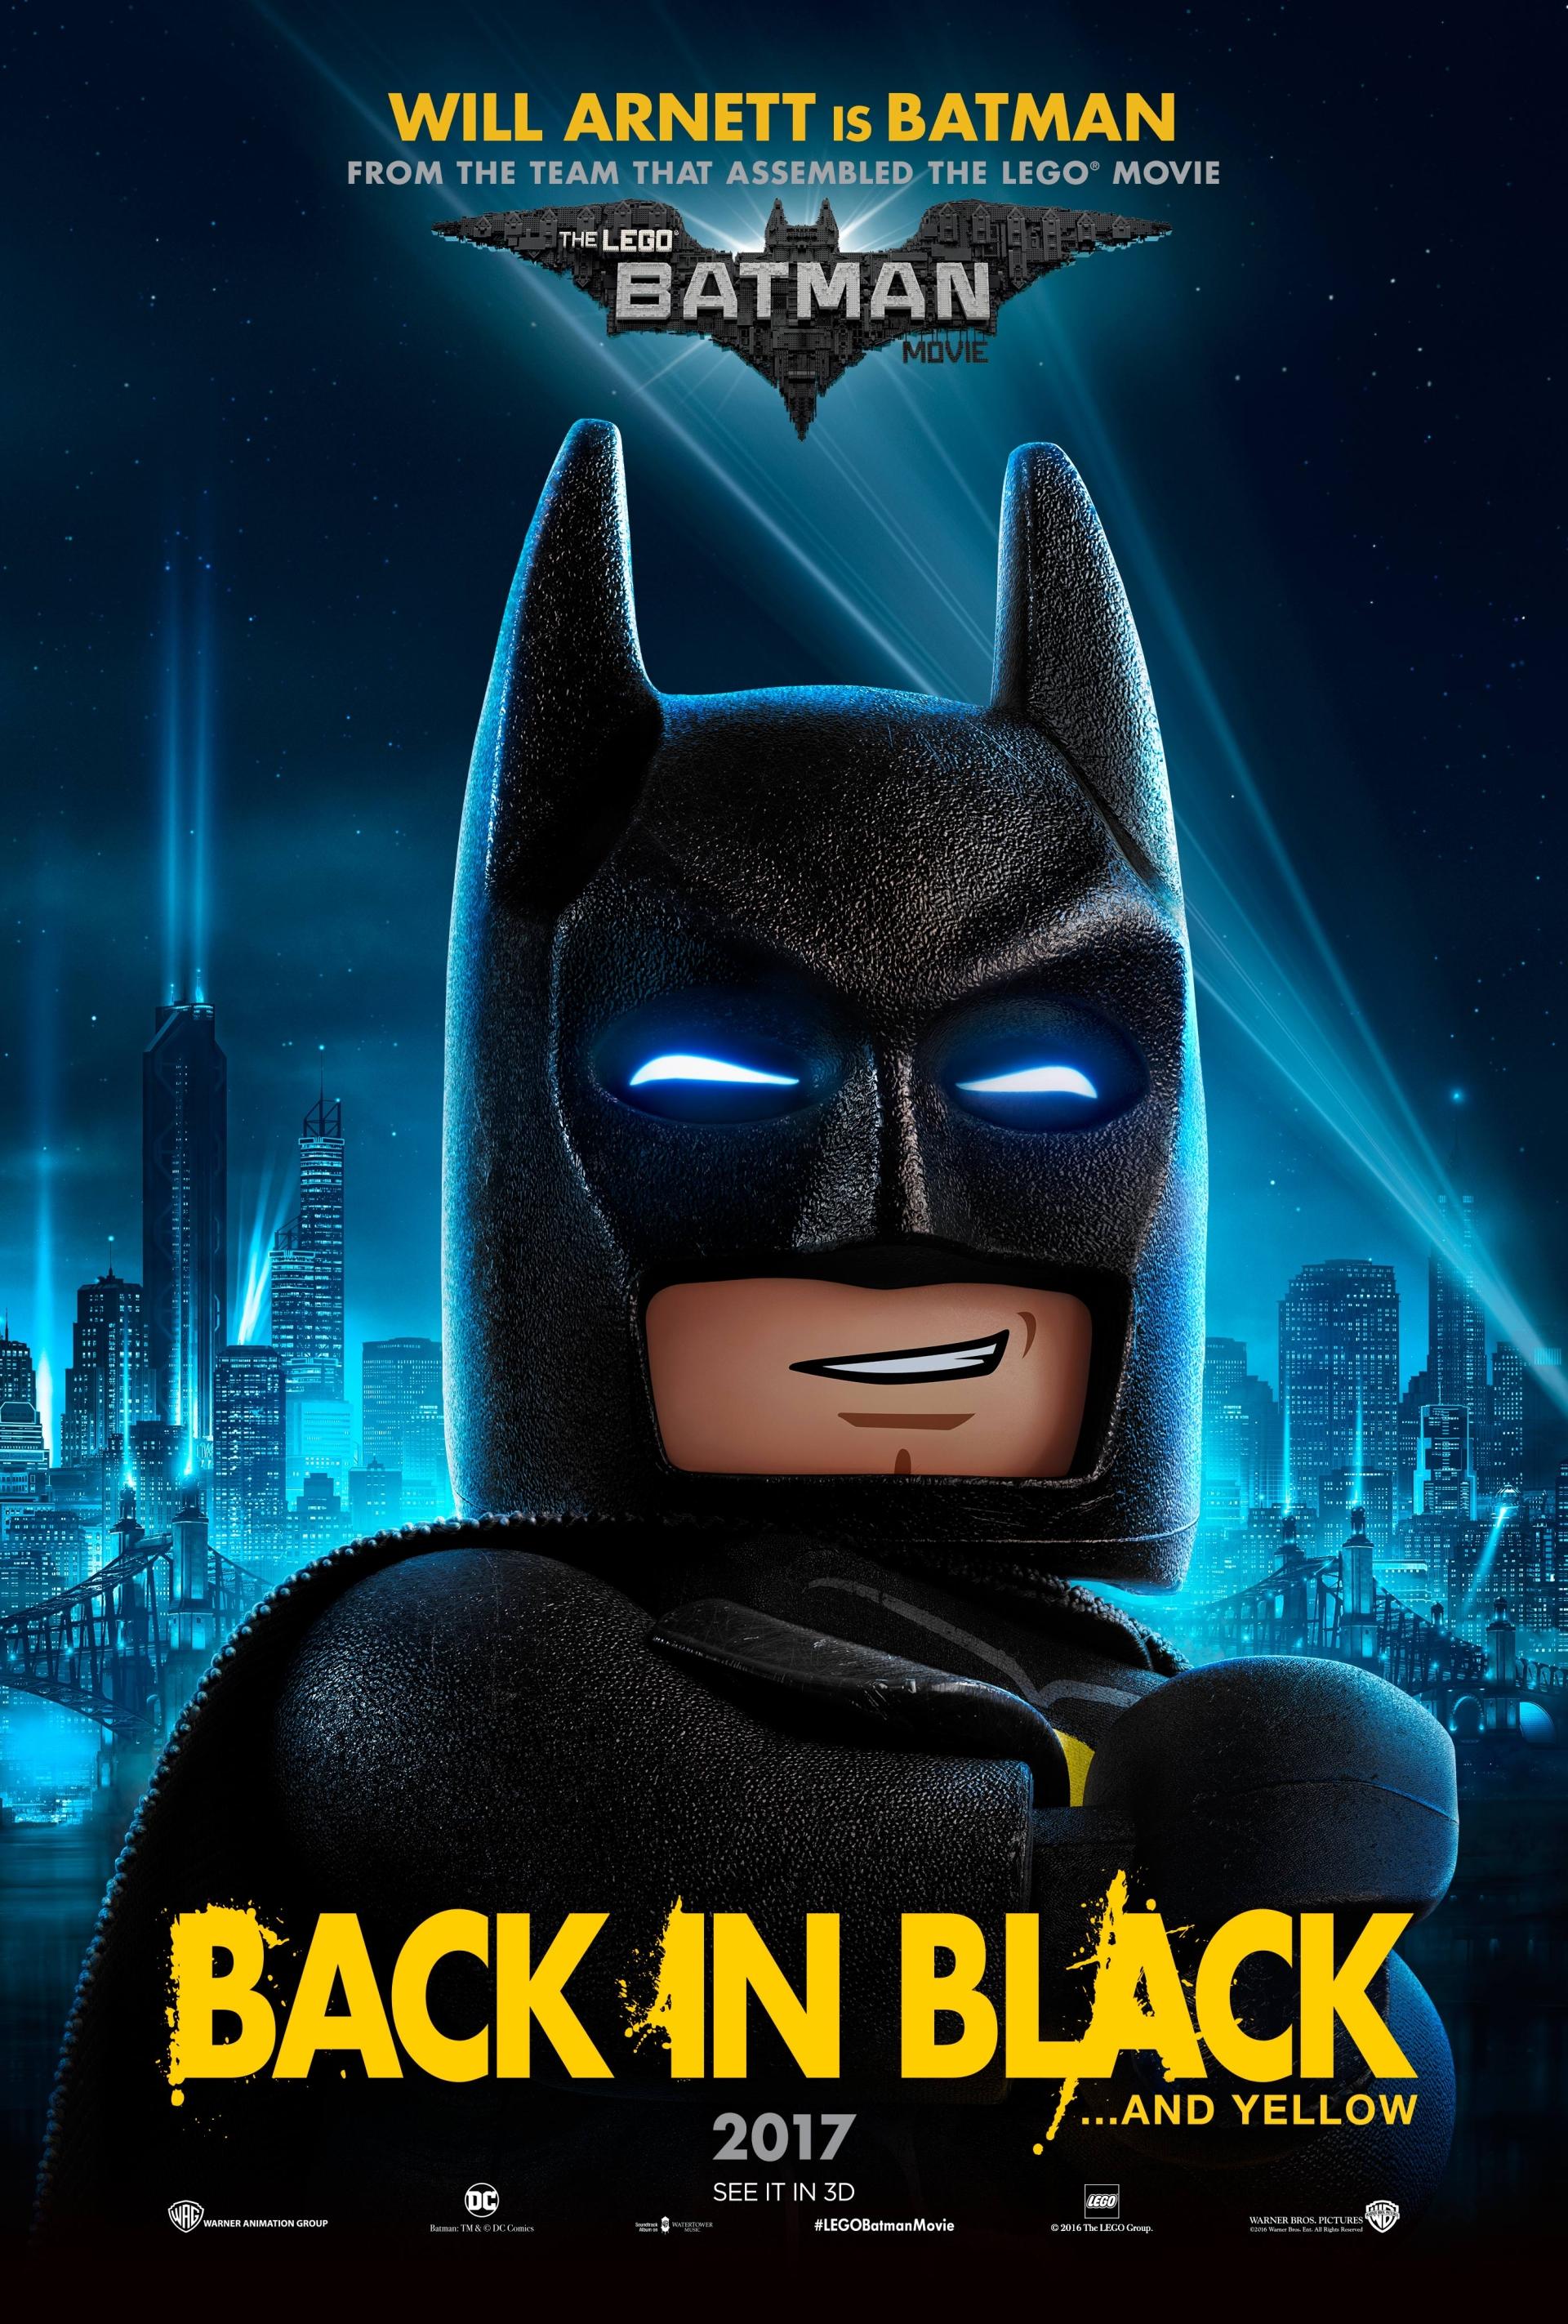 The LEGO Batman Movie film review: the Batman movie we deserve